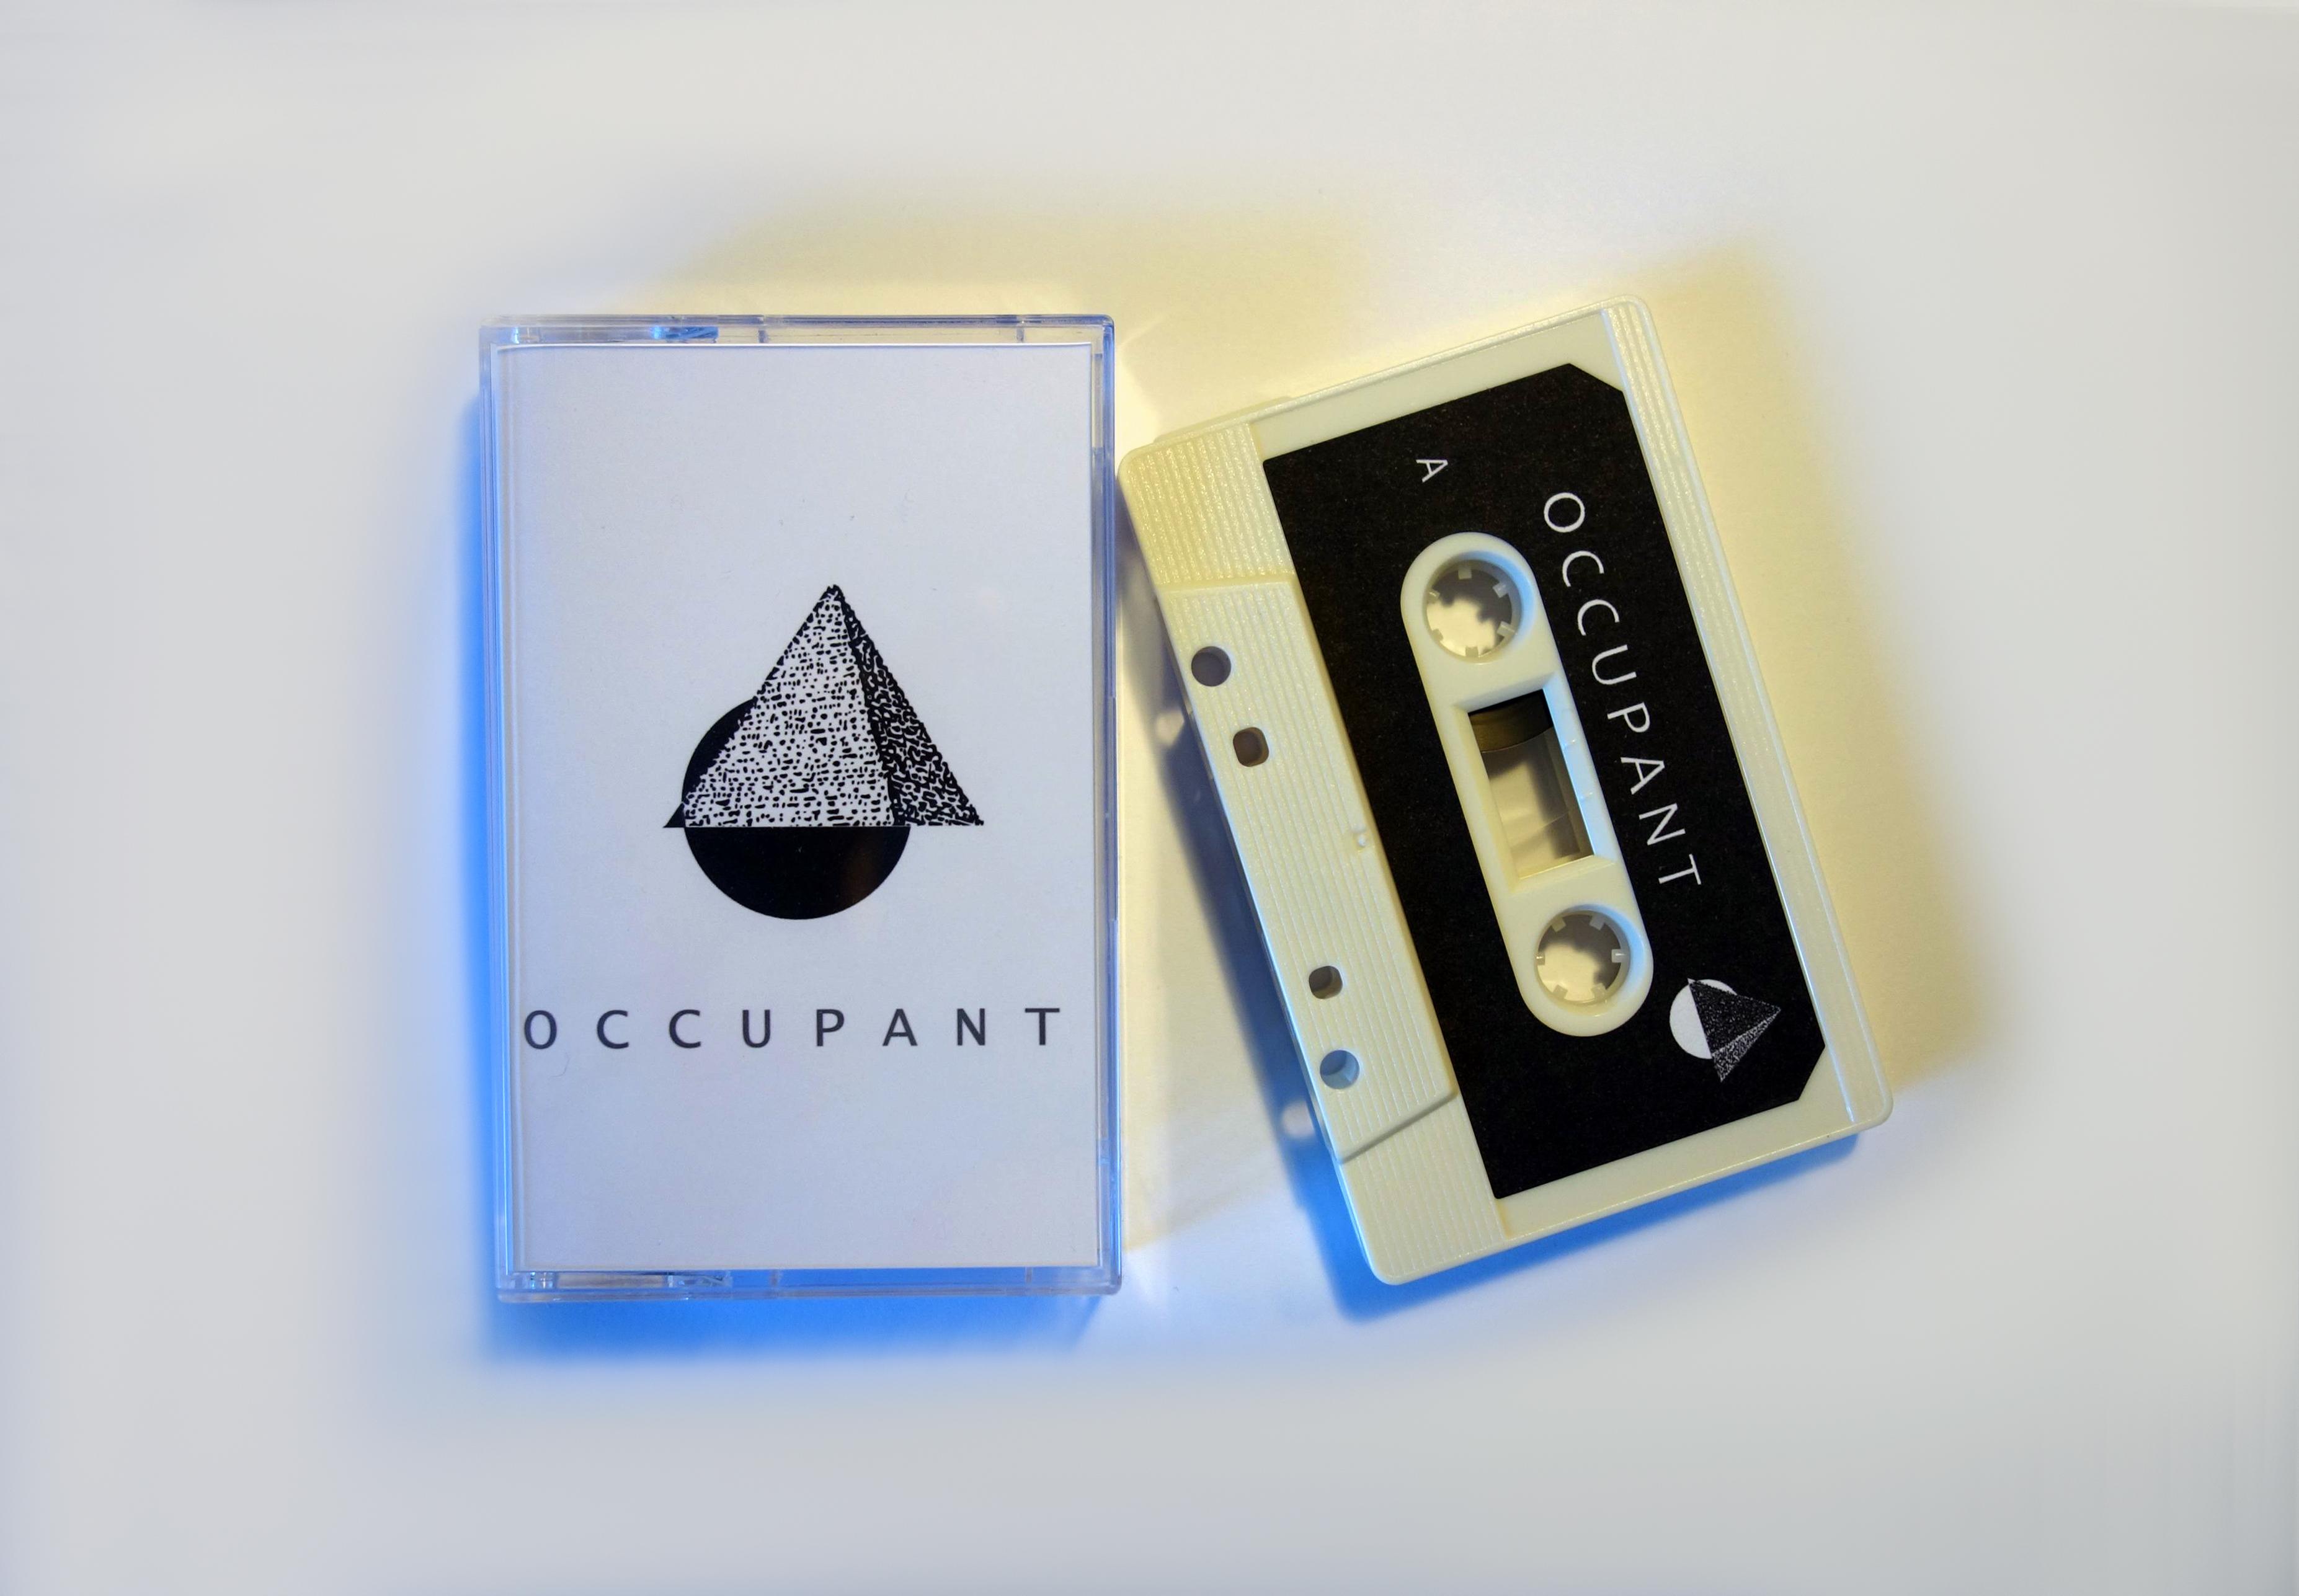 Occupant 1